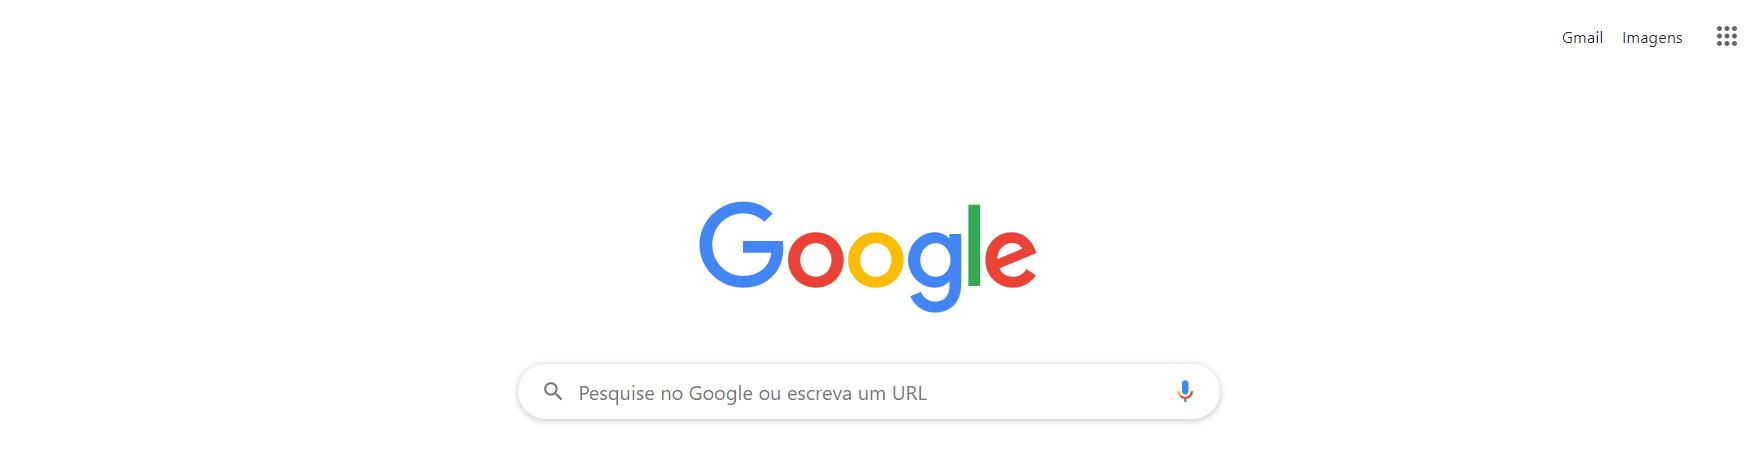 13 Ferramentas do Google Que Todo o Website Deve Usar 1